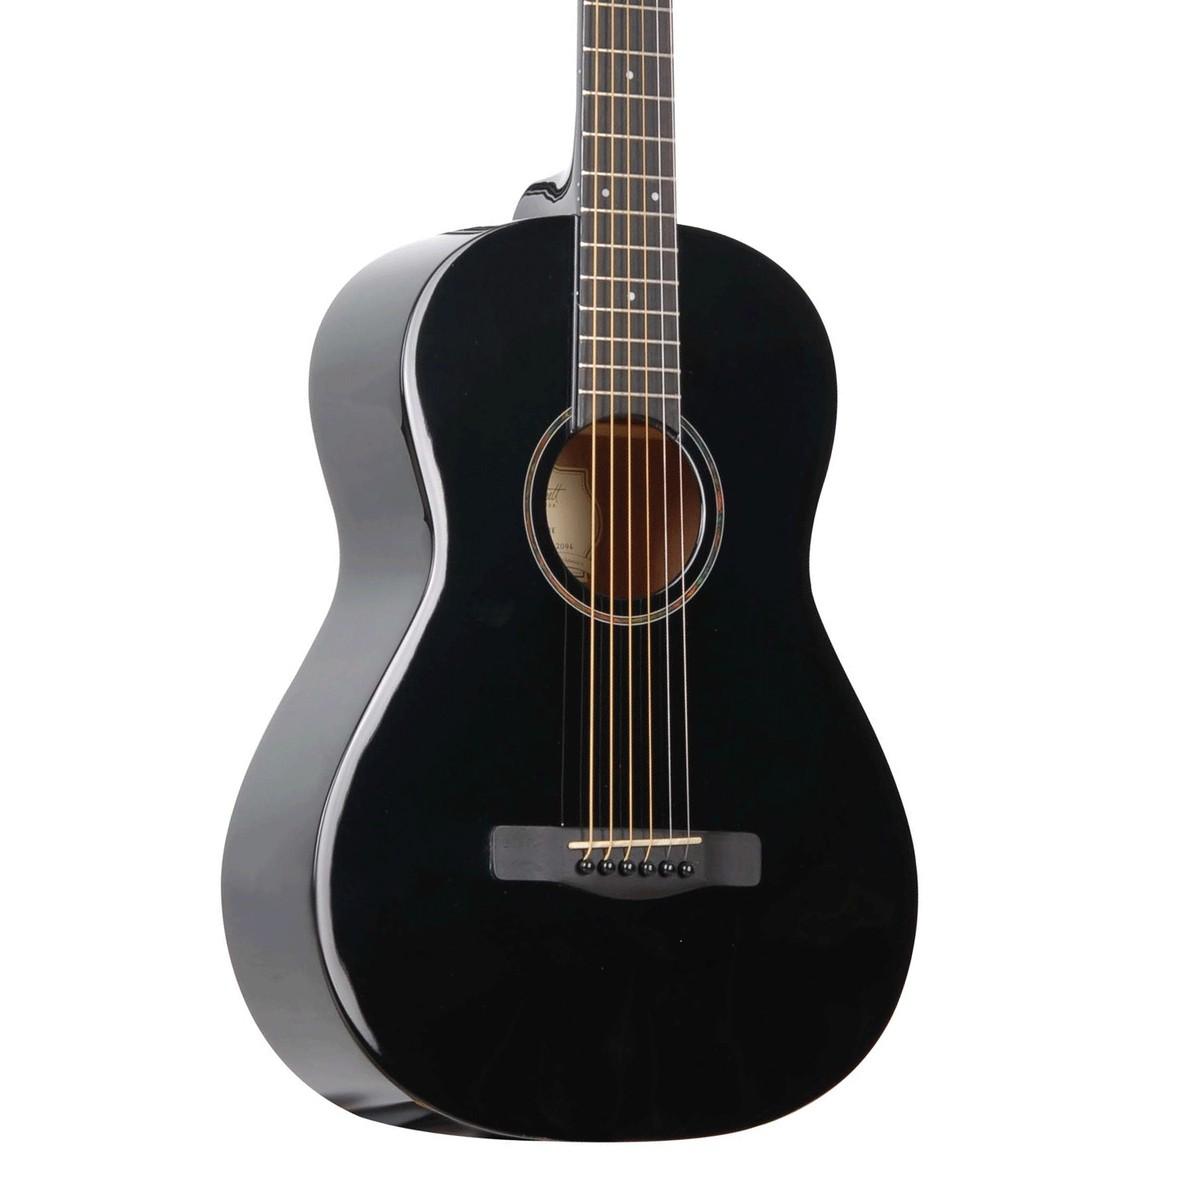 greg bennett guitare acoustique st6 1 3 4 noir. Black Bedroom Furniture Sets. Home Design Ideas